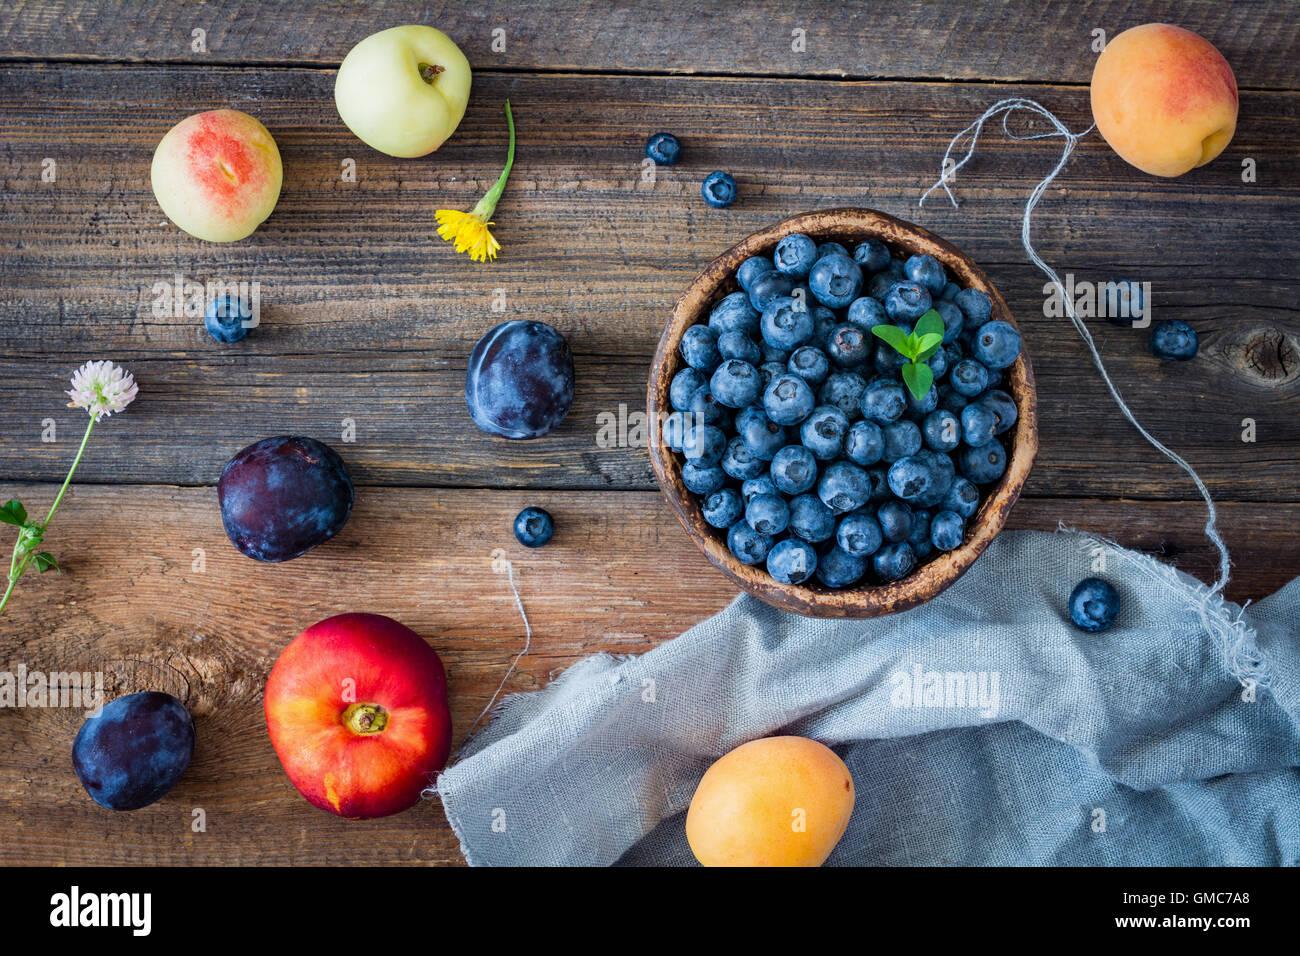 Fruits frais sur une table en bois. Vue d'en haut Photo Stock